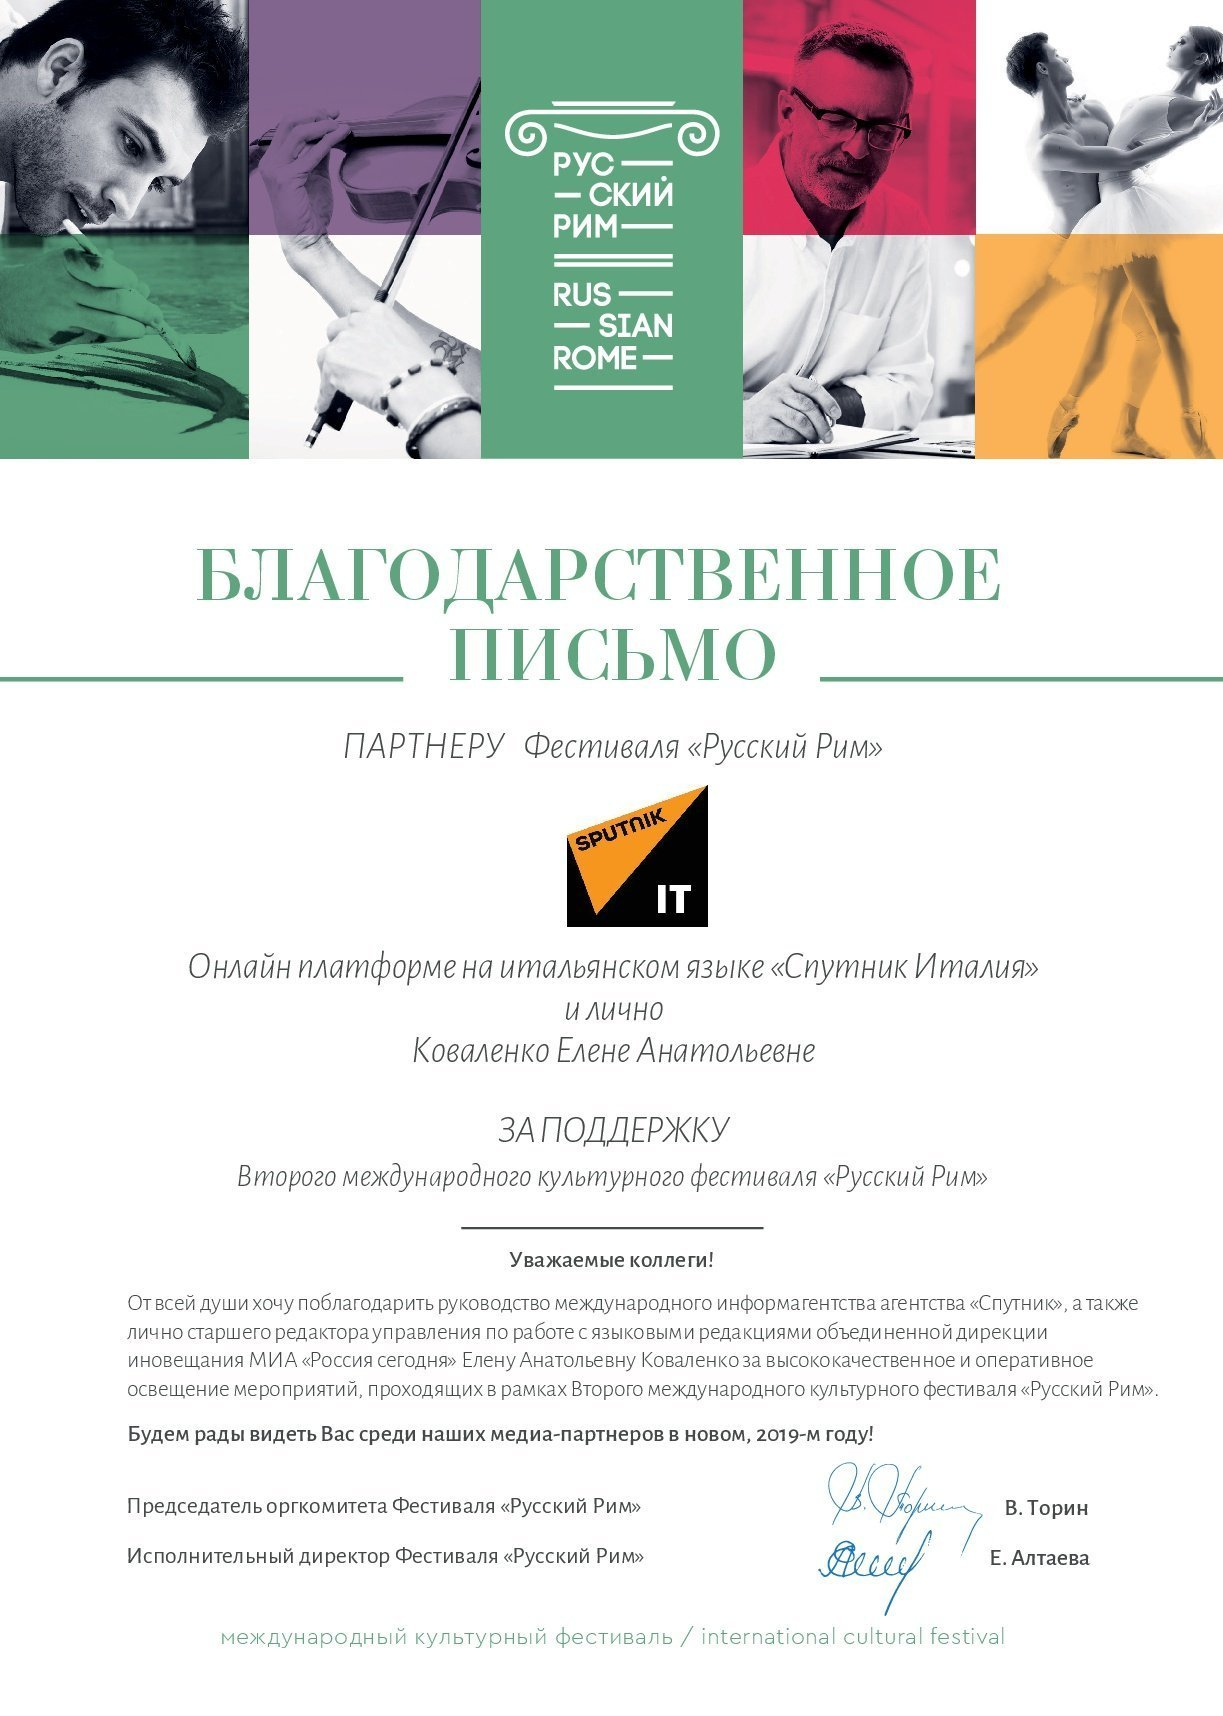 La lettera di ringraziamento a Sputnik Italia dagli organizzatori del Festival La Roma Russa